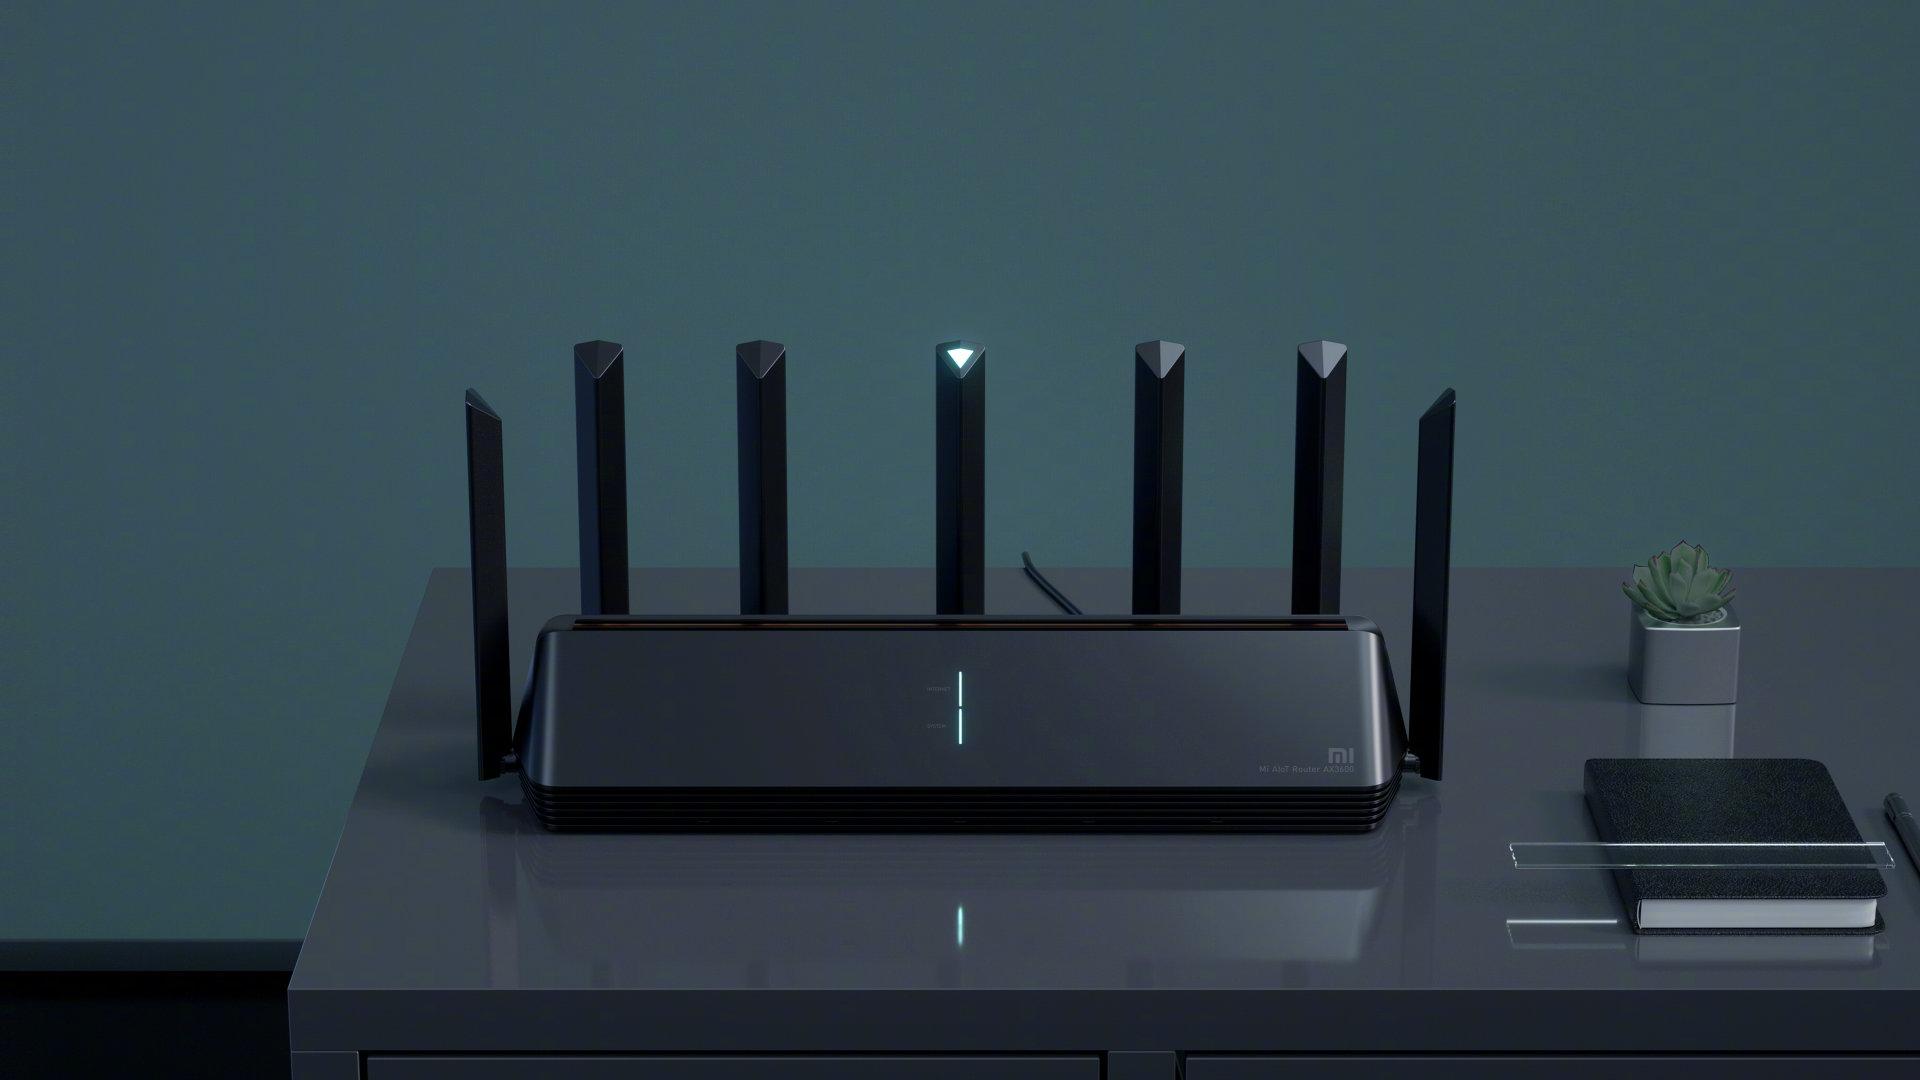 روتر شیائومی AX3600 می تواند با یک کلیک به دستگاه های Mijia متصل شود